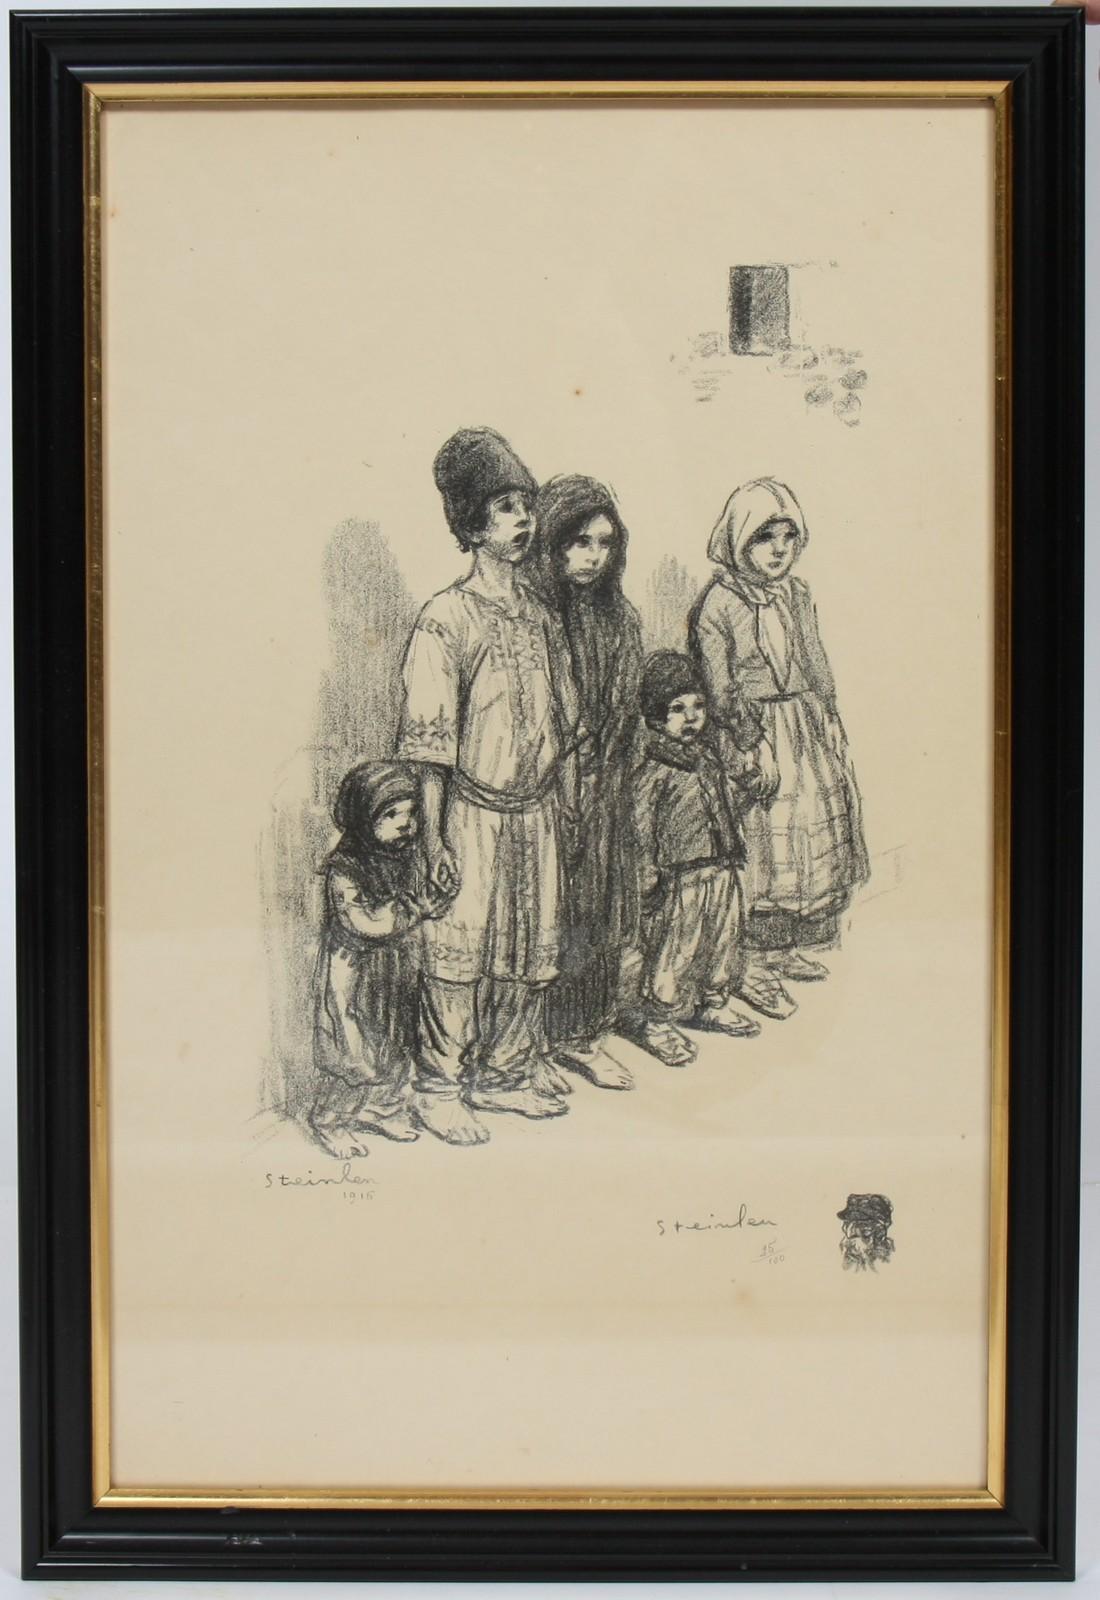 LITHOGRAPHIE DE STEINLEN En noir et blanc, encadrée, représentant une mère et ses deux enfants